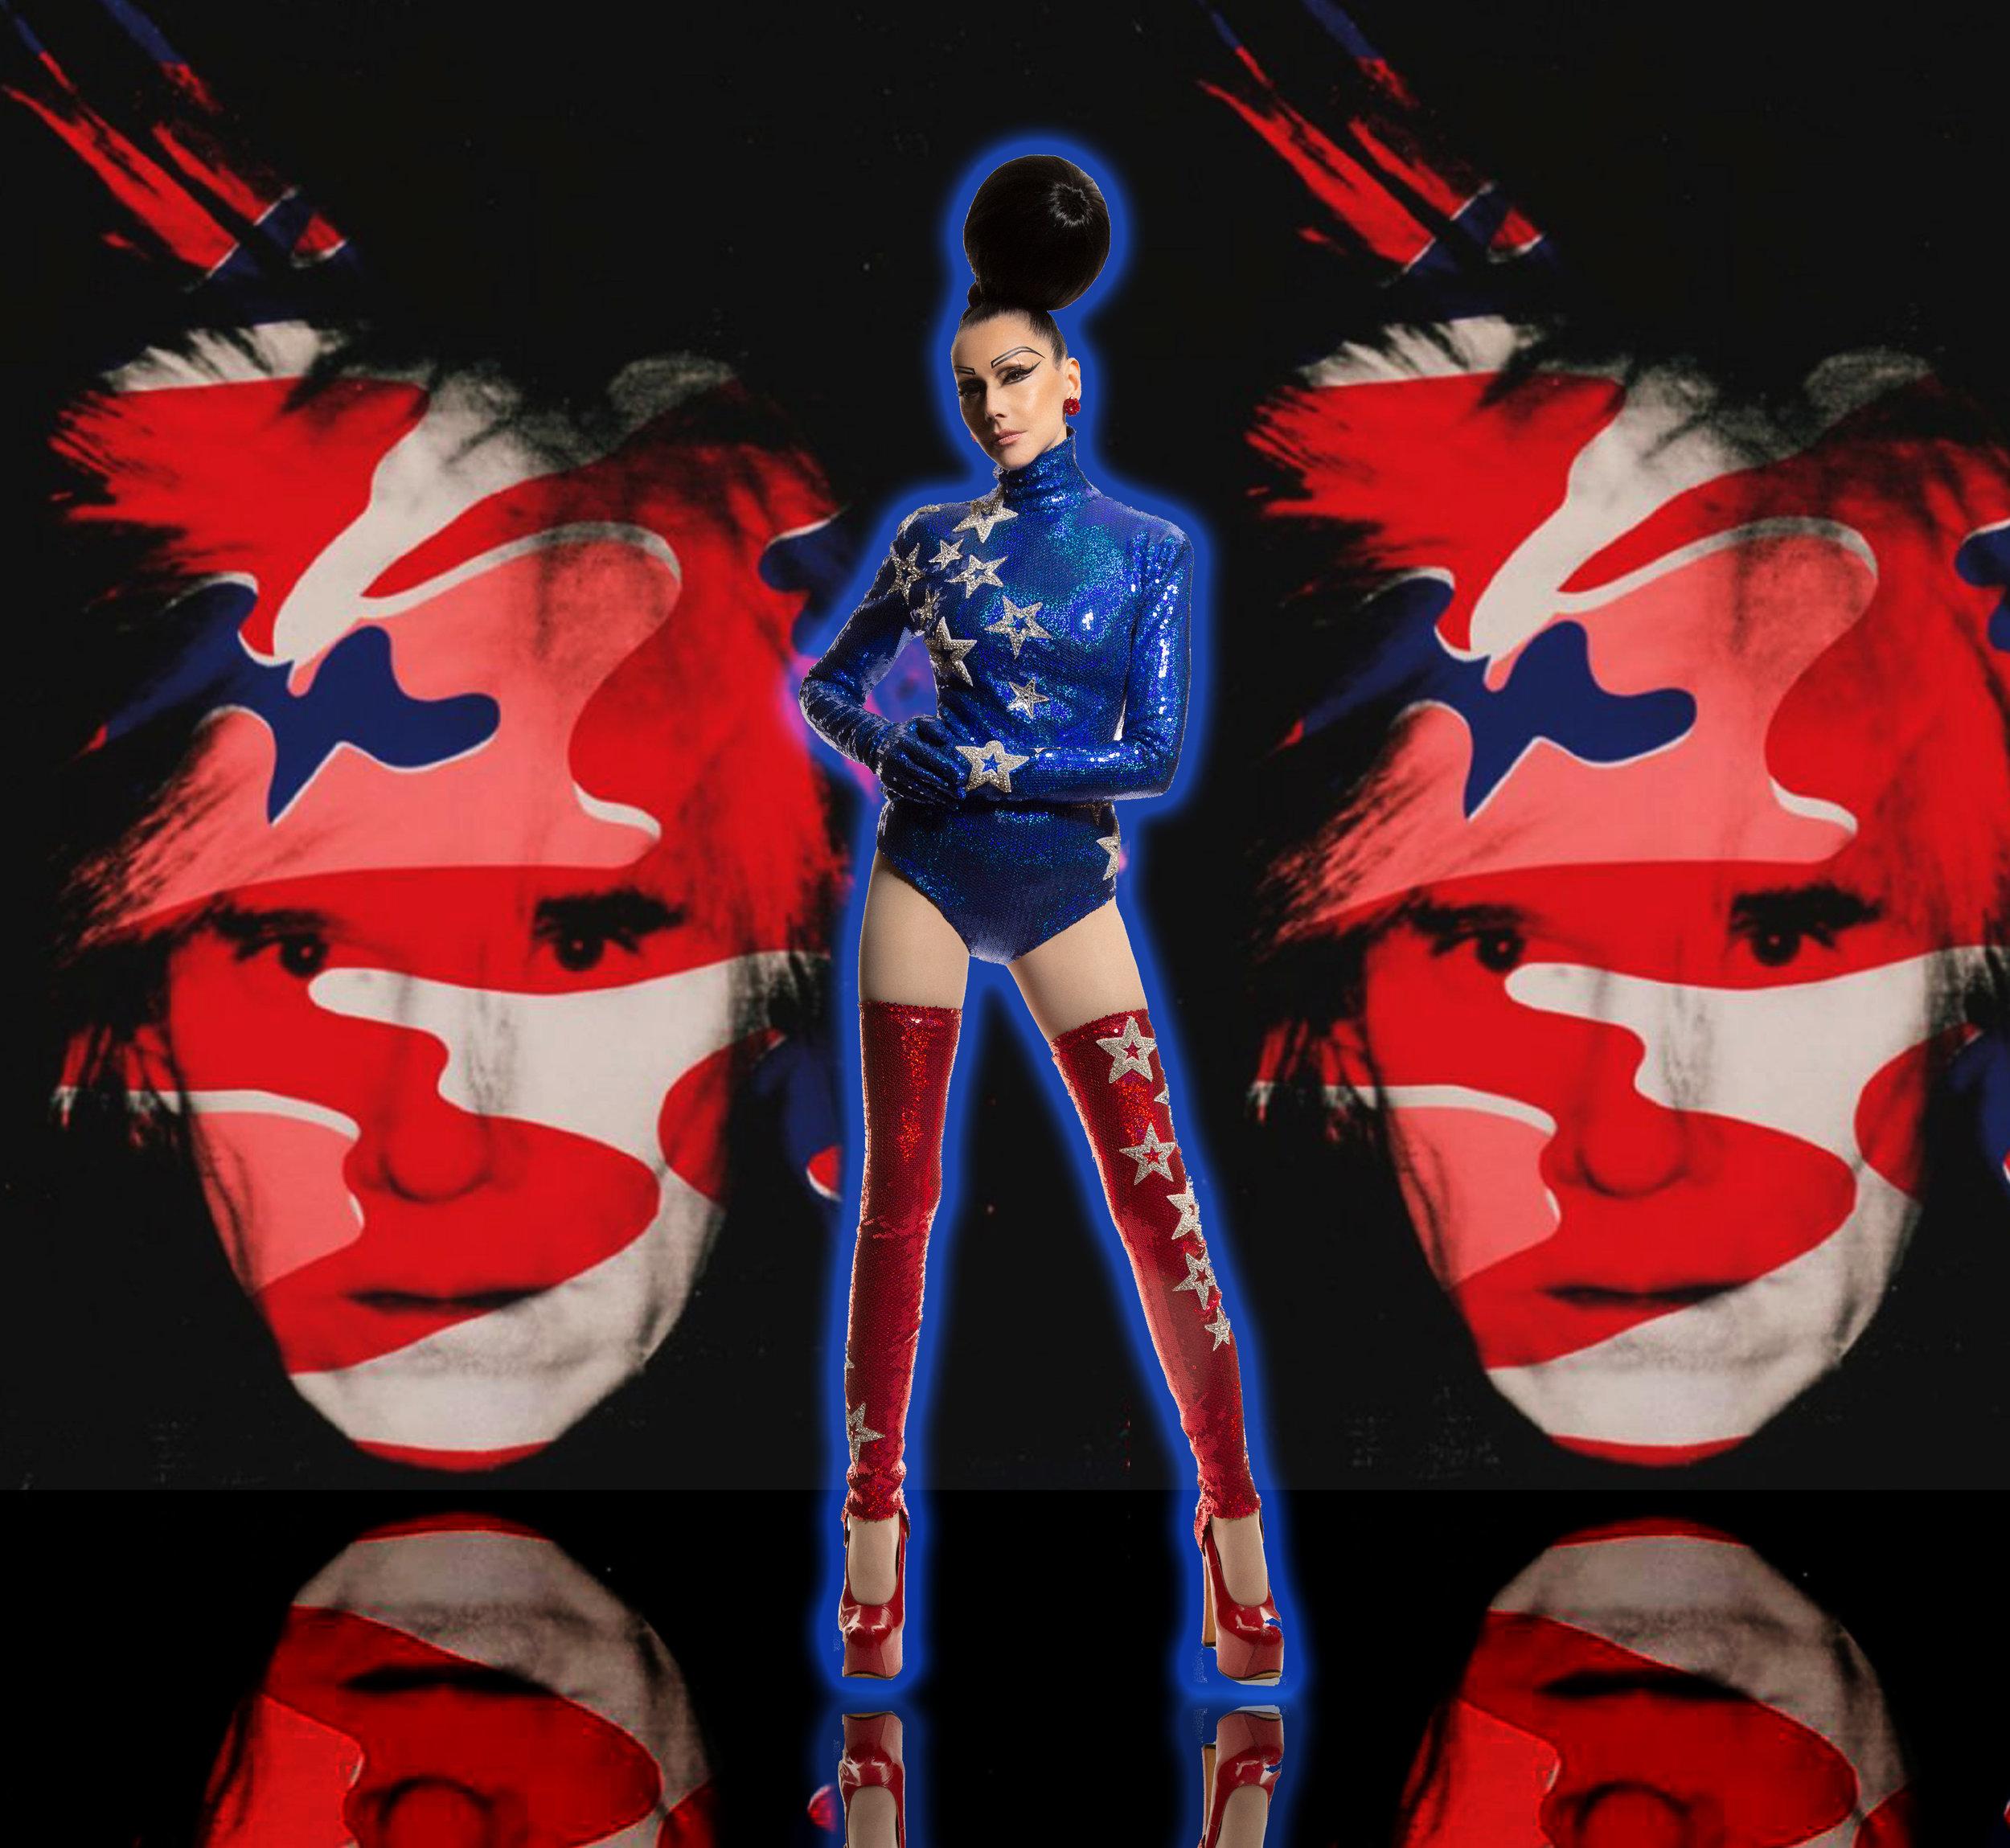 15 Blue Star Bodysuit.jpg